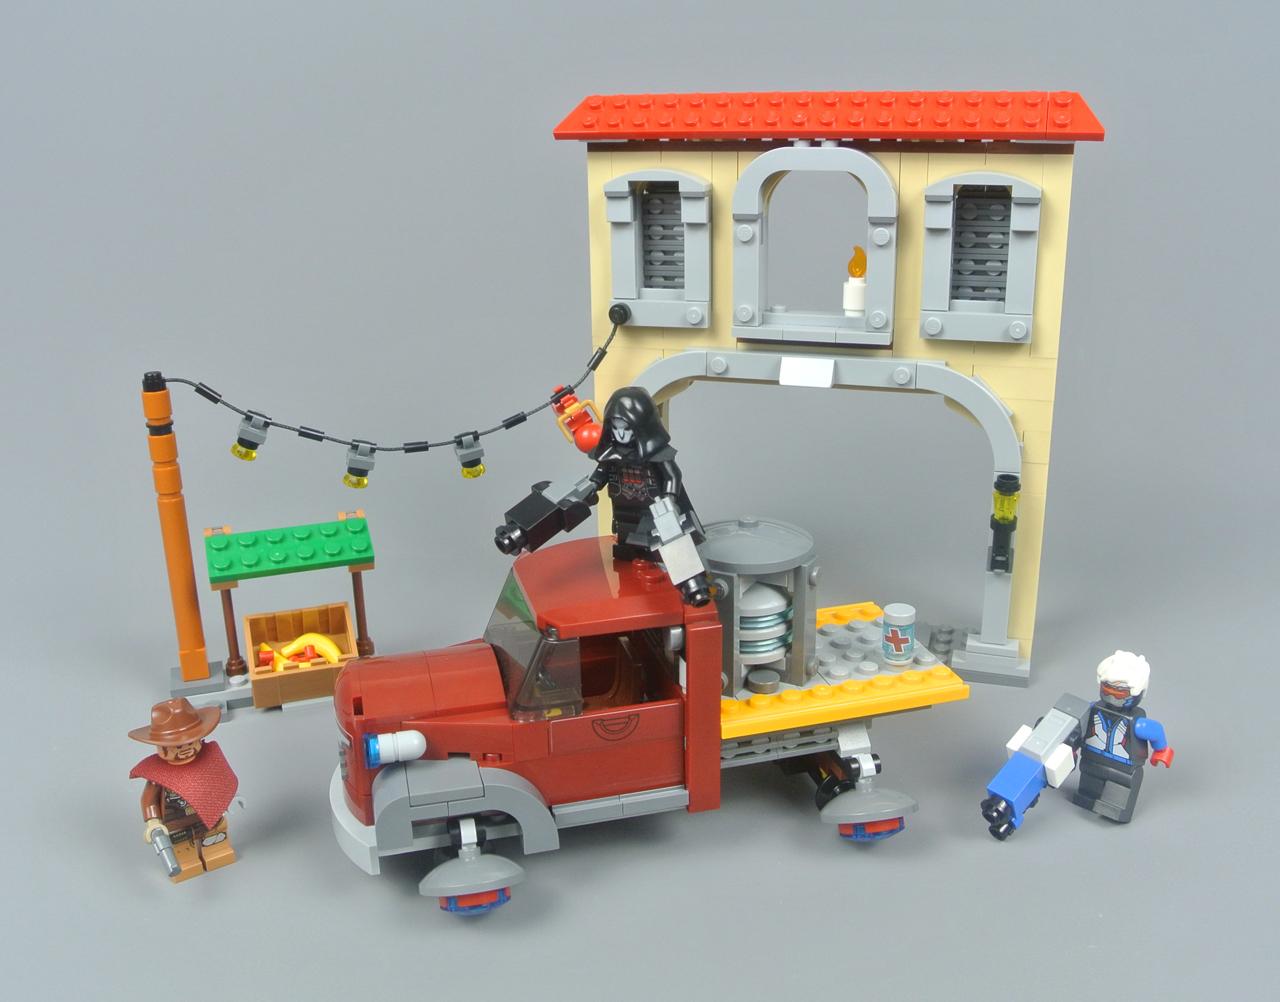 LEGO Custom Printed LEGO Accessory Star Wars Dark Side Cookies 1x2x2